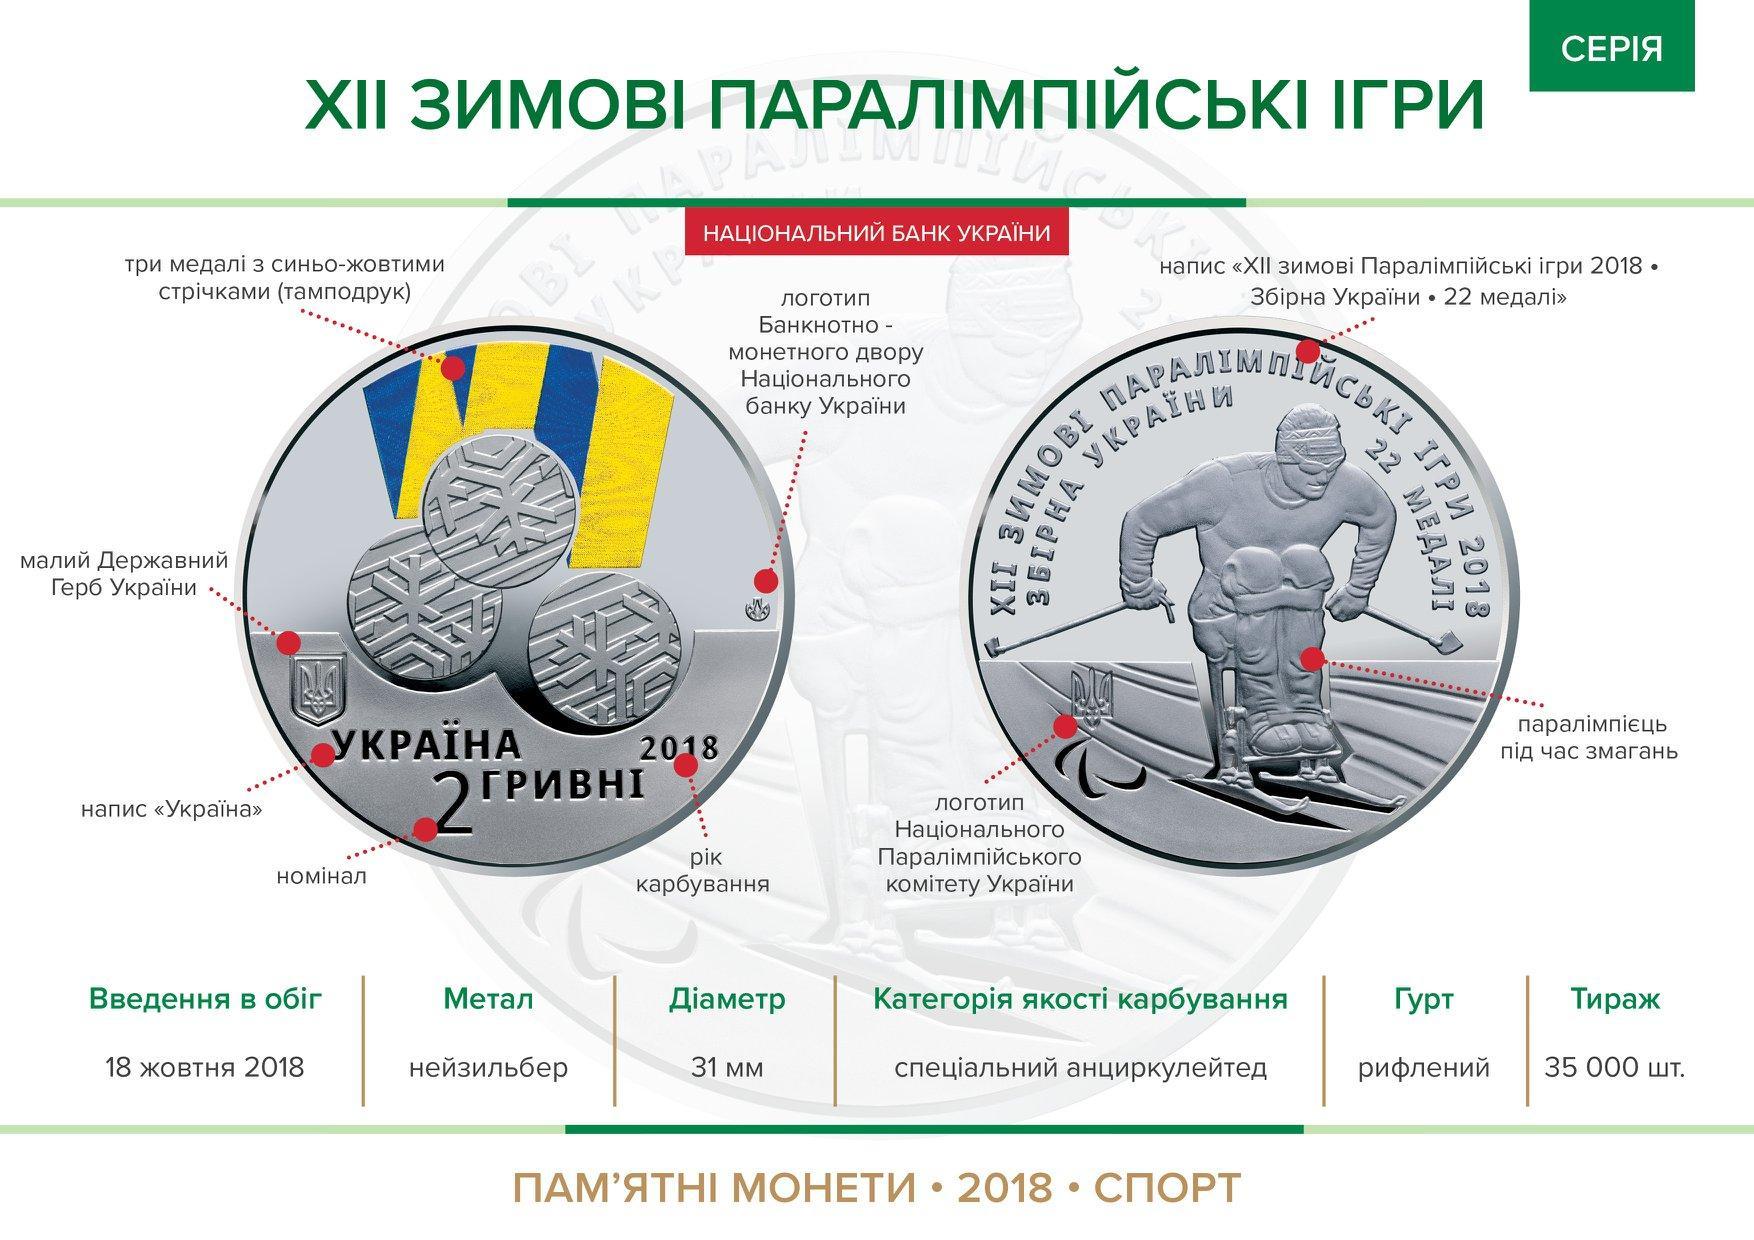 пам'ятна монета з Максимов Яровим